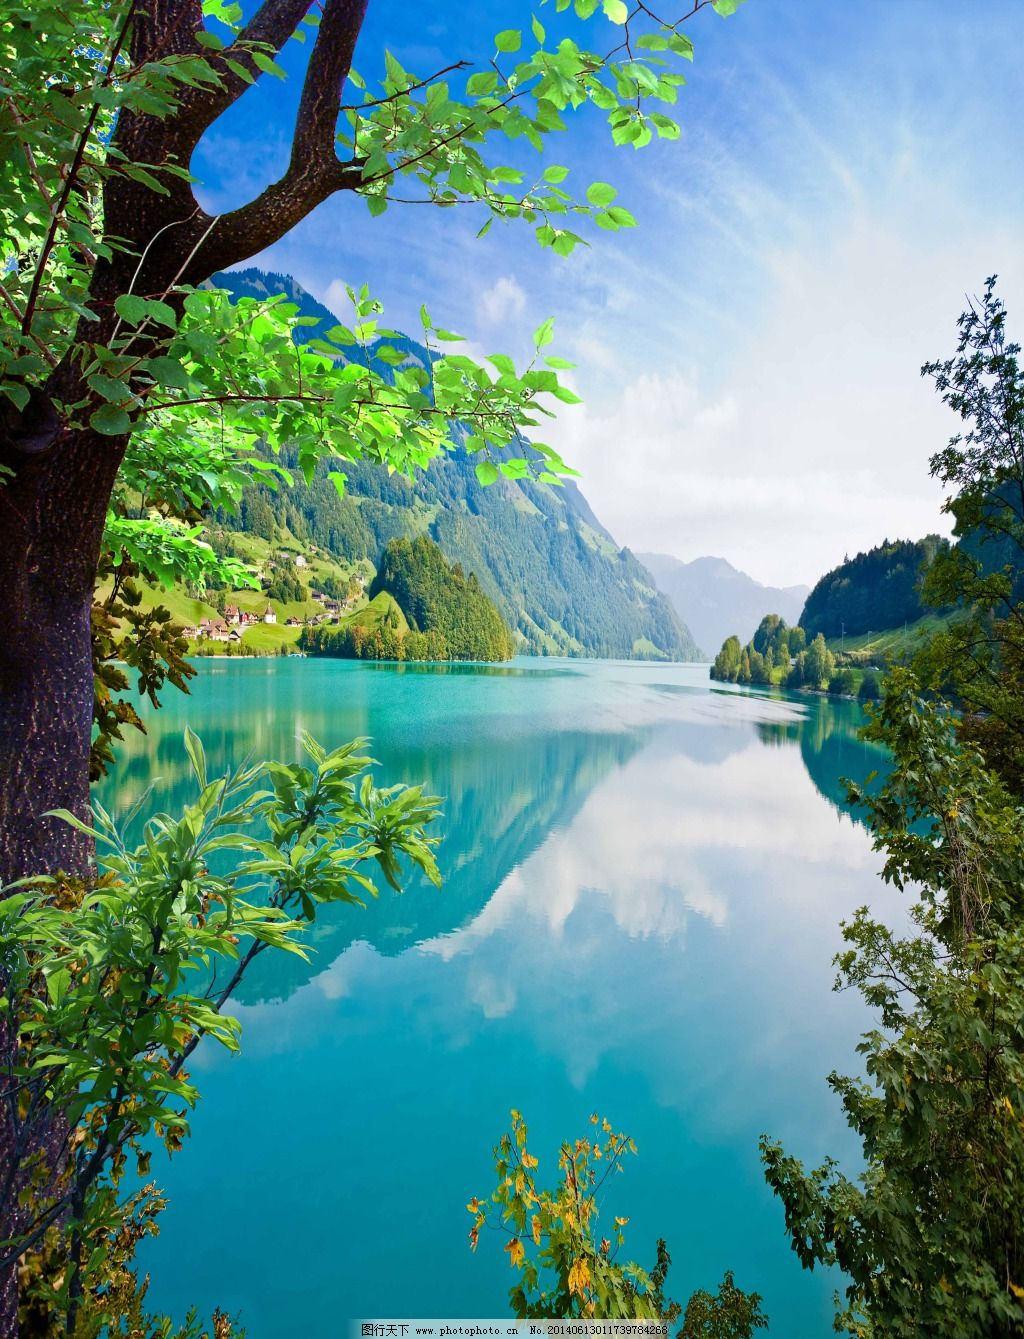 psd psd分层素材 白云 背景 风景画 海 蓝天 山 山水画 树 树 水 山